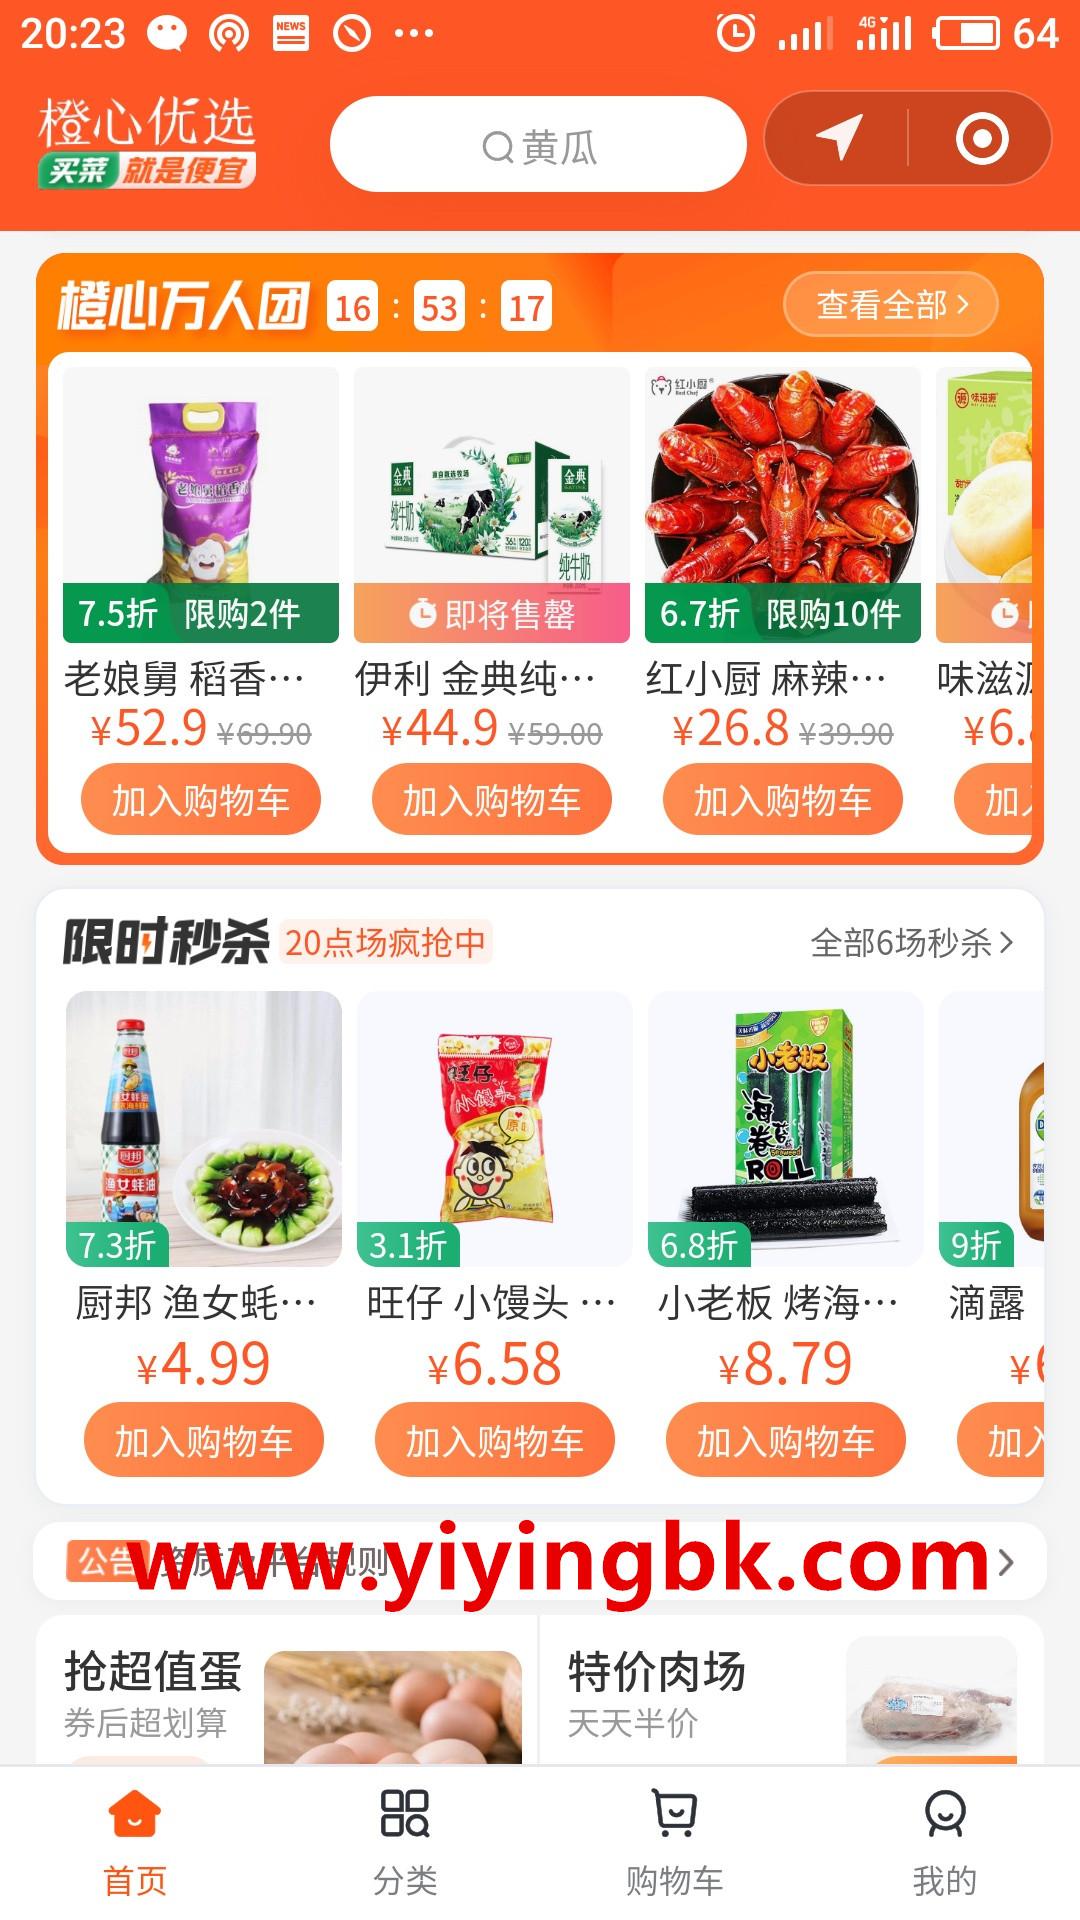 橙心优选,买东西真的很实惠,www.yiyingbk.com